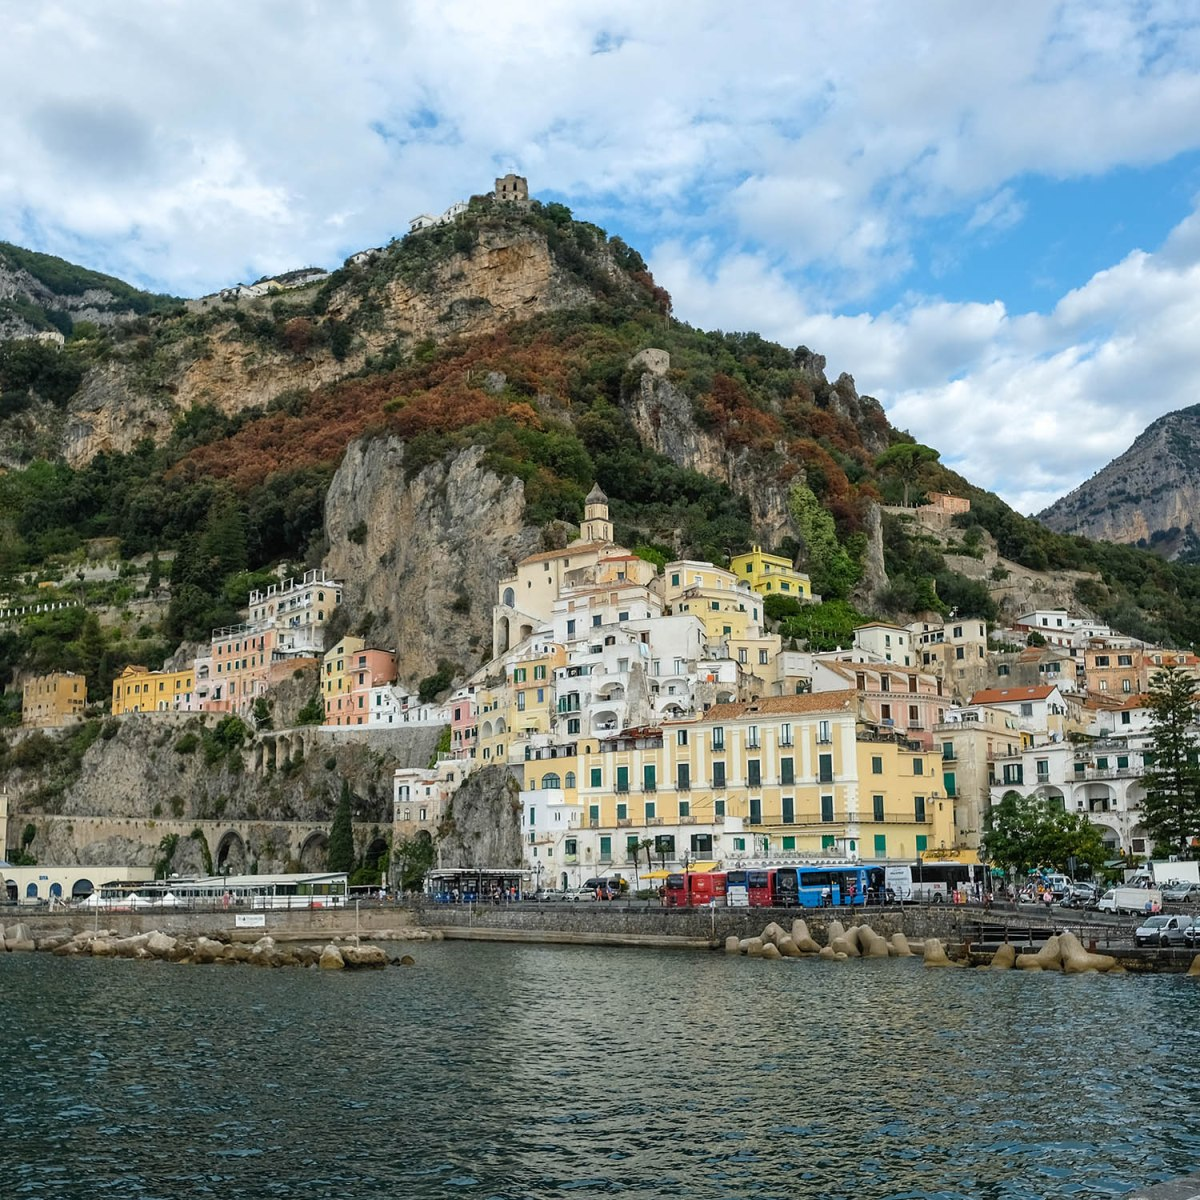 อิตาลีอีกครั้ง (ตอน 2) : ริมชายฝั่ง Amalfi